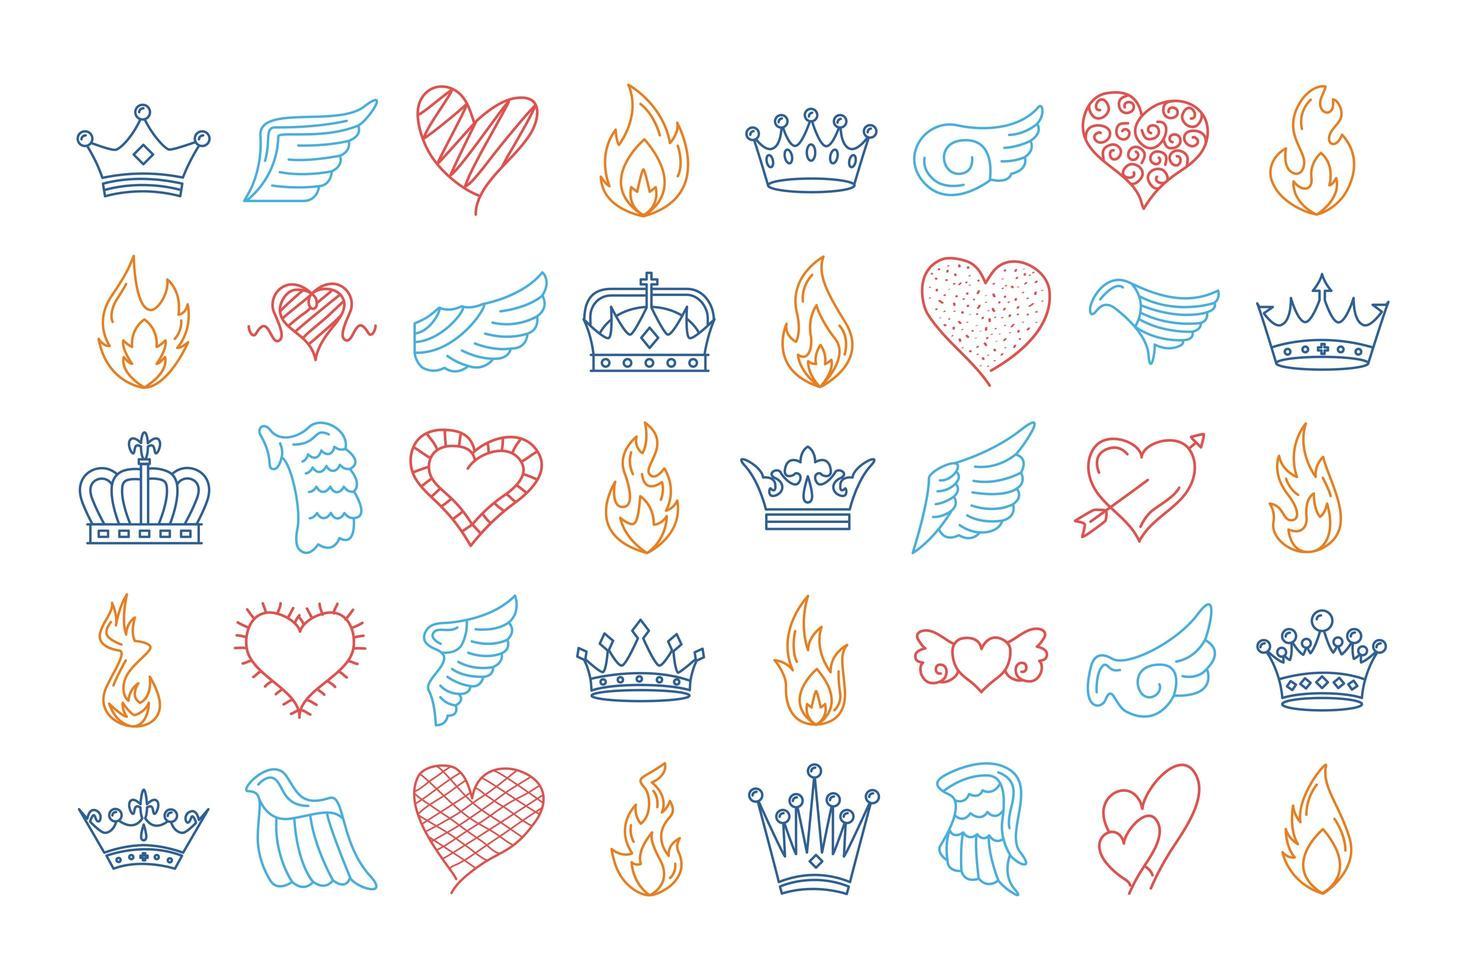 Bündel von vierzig Flügeln und Flammen mit Herzen und Kronen vektor